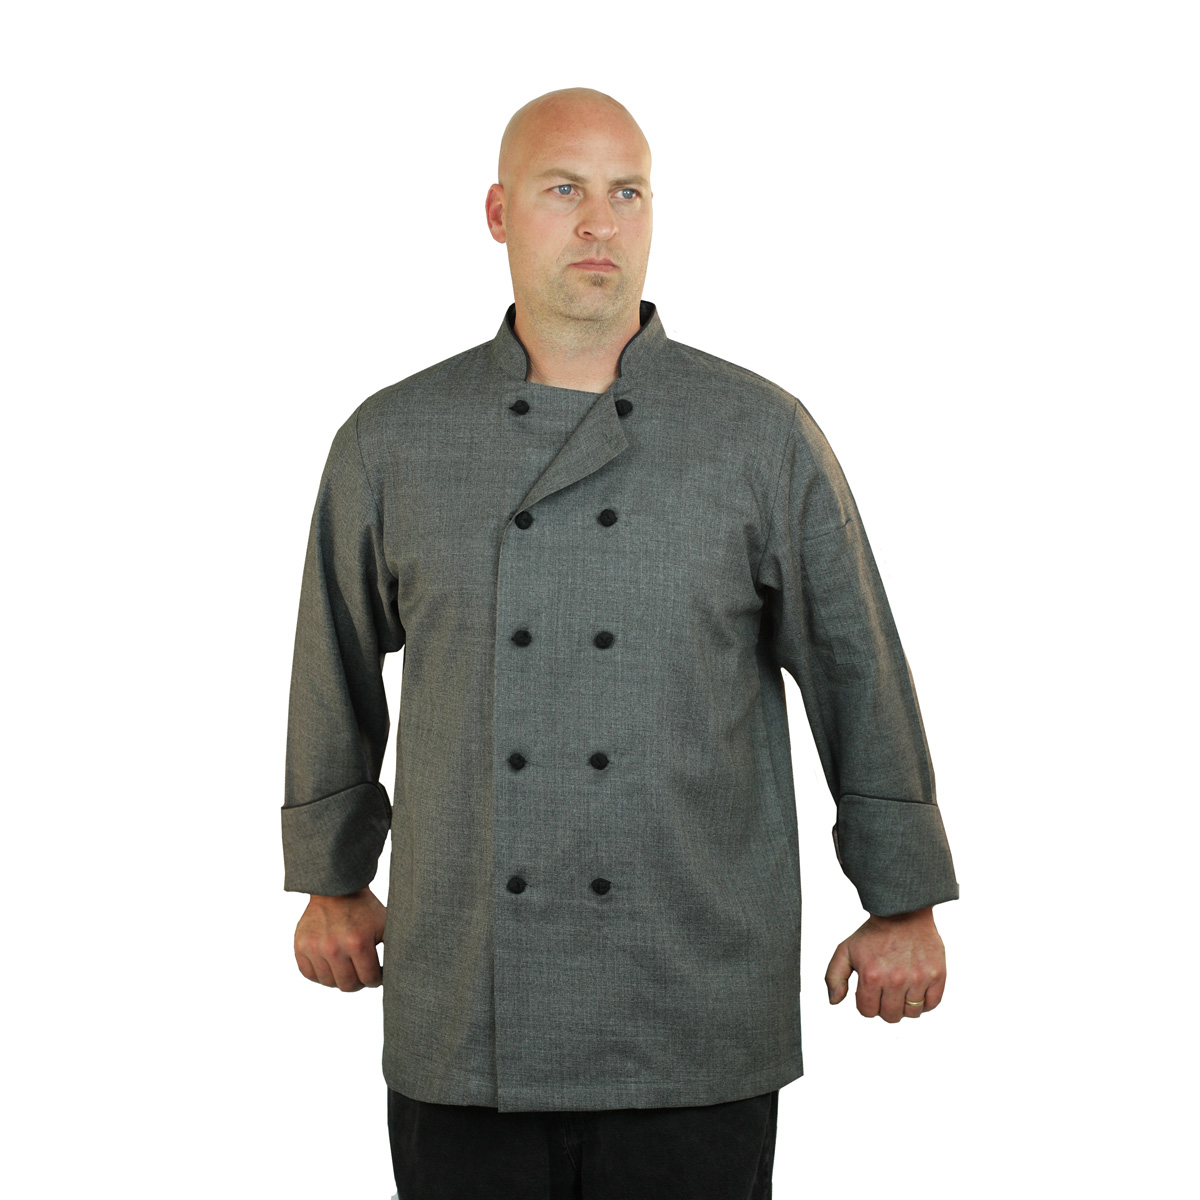 Heather Grey Chef Coat Long Sleeve Unisex Art Style